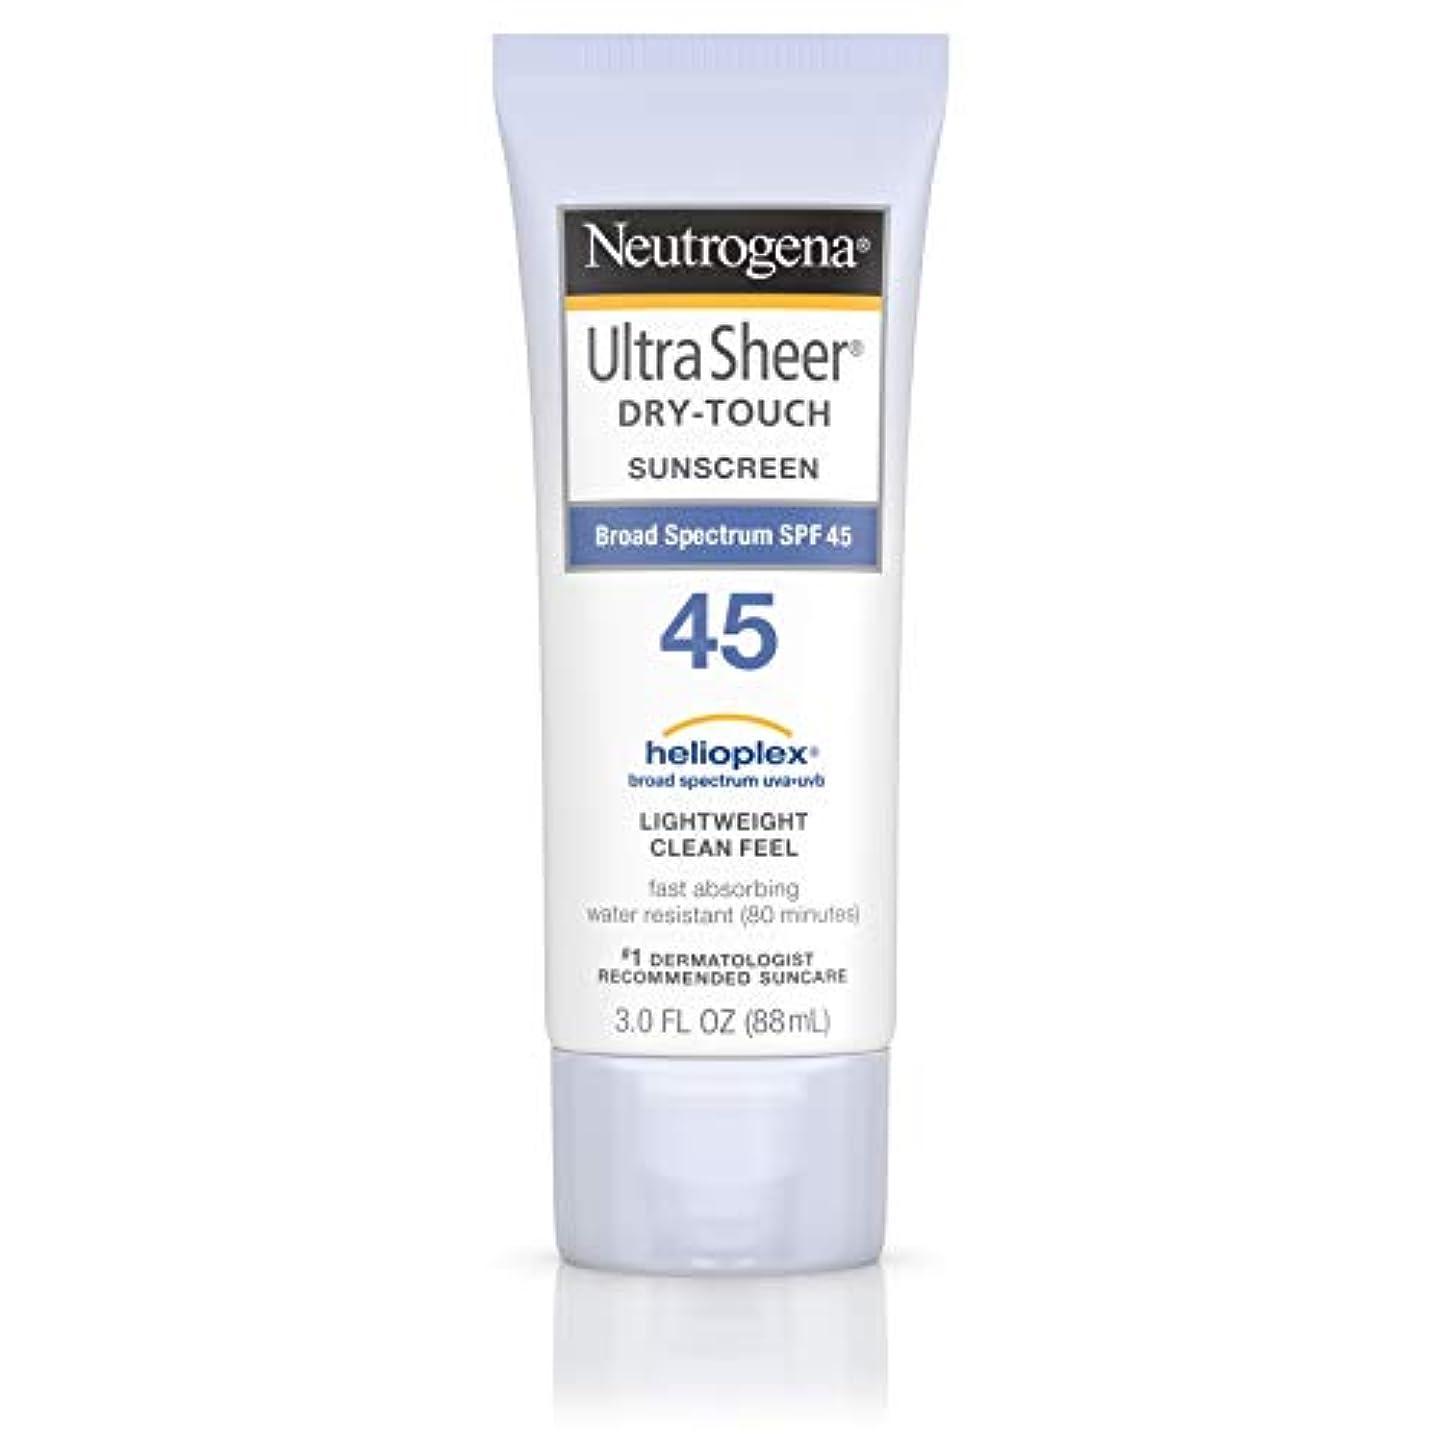 重量はい予言する海外直送品 Neutrogena Neutrogena Ultra Sheer Dry-Touch Sunblock Spf 45【並行輸入品】